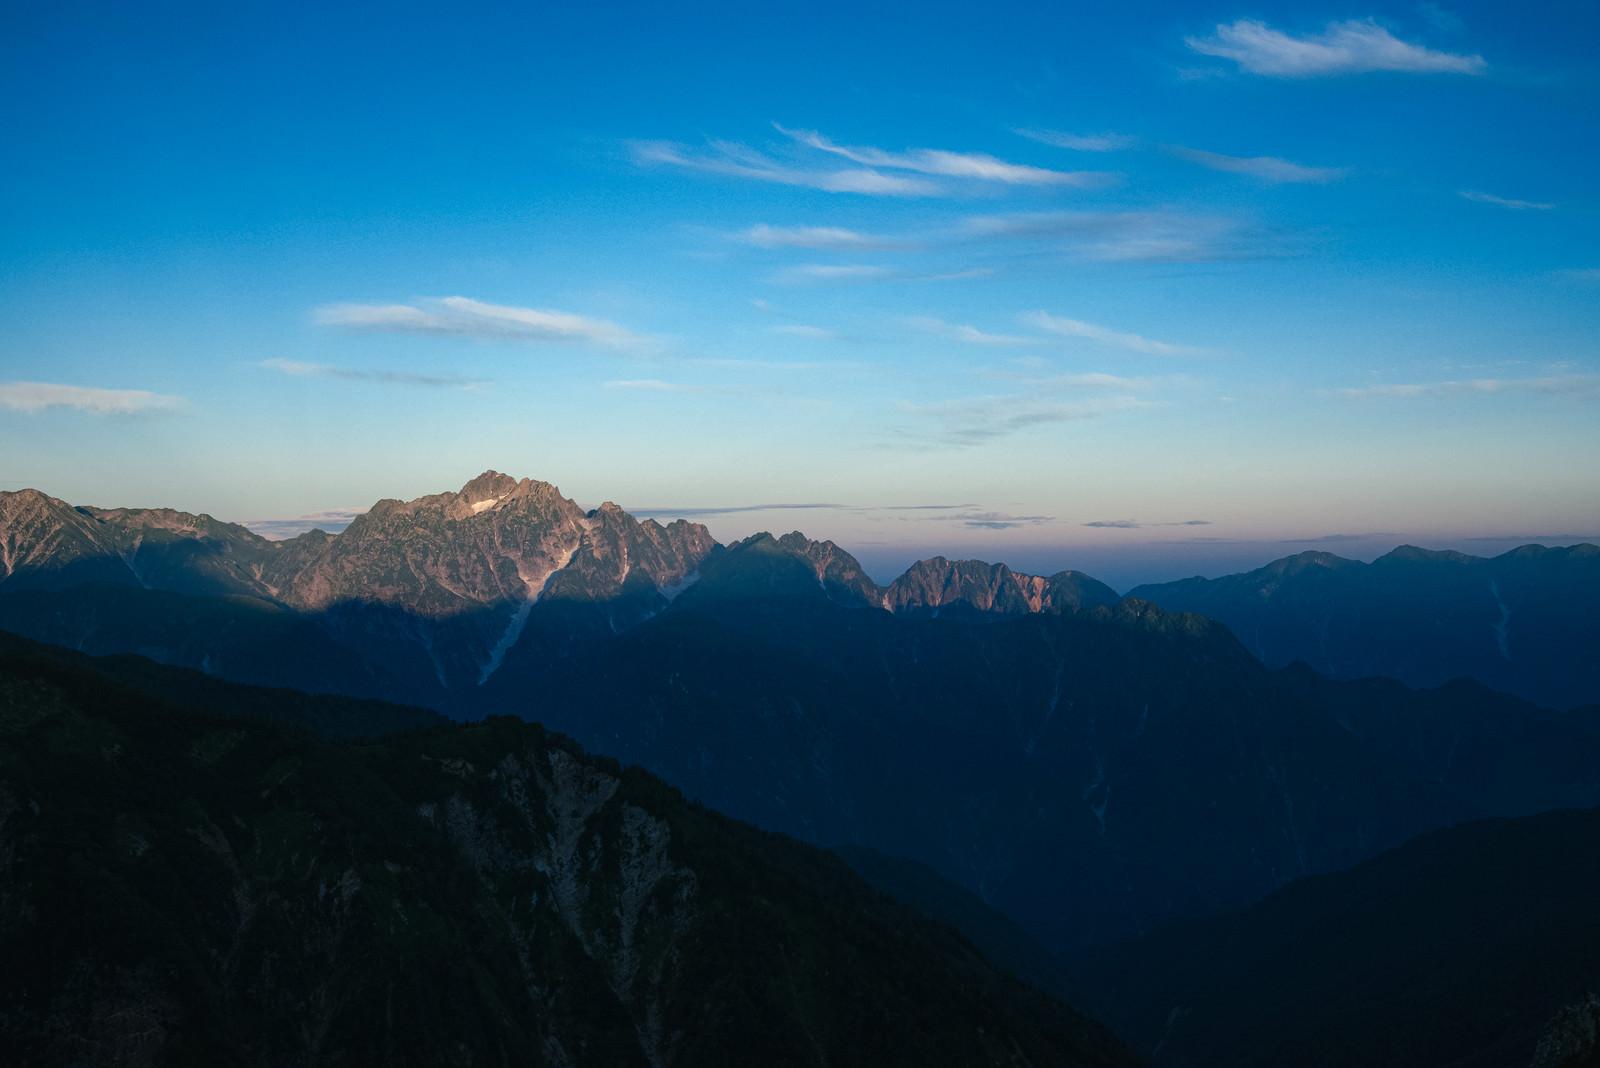 「朝日を迎える山頂部分と影」の写真